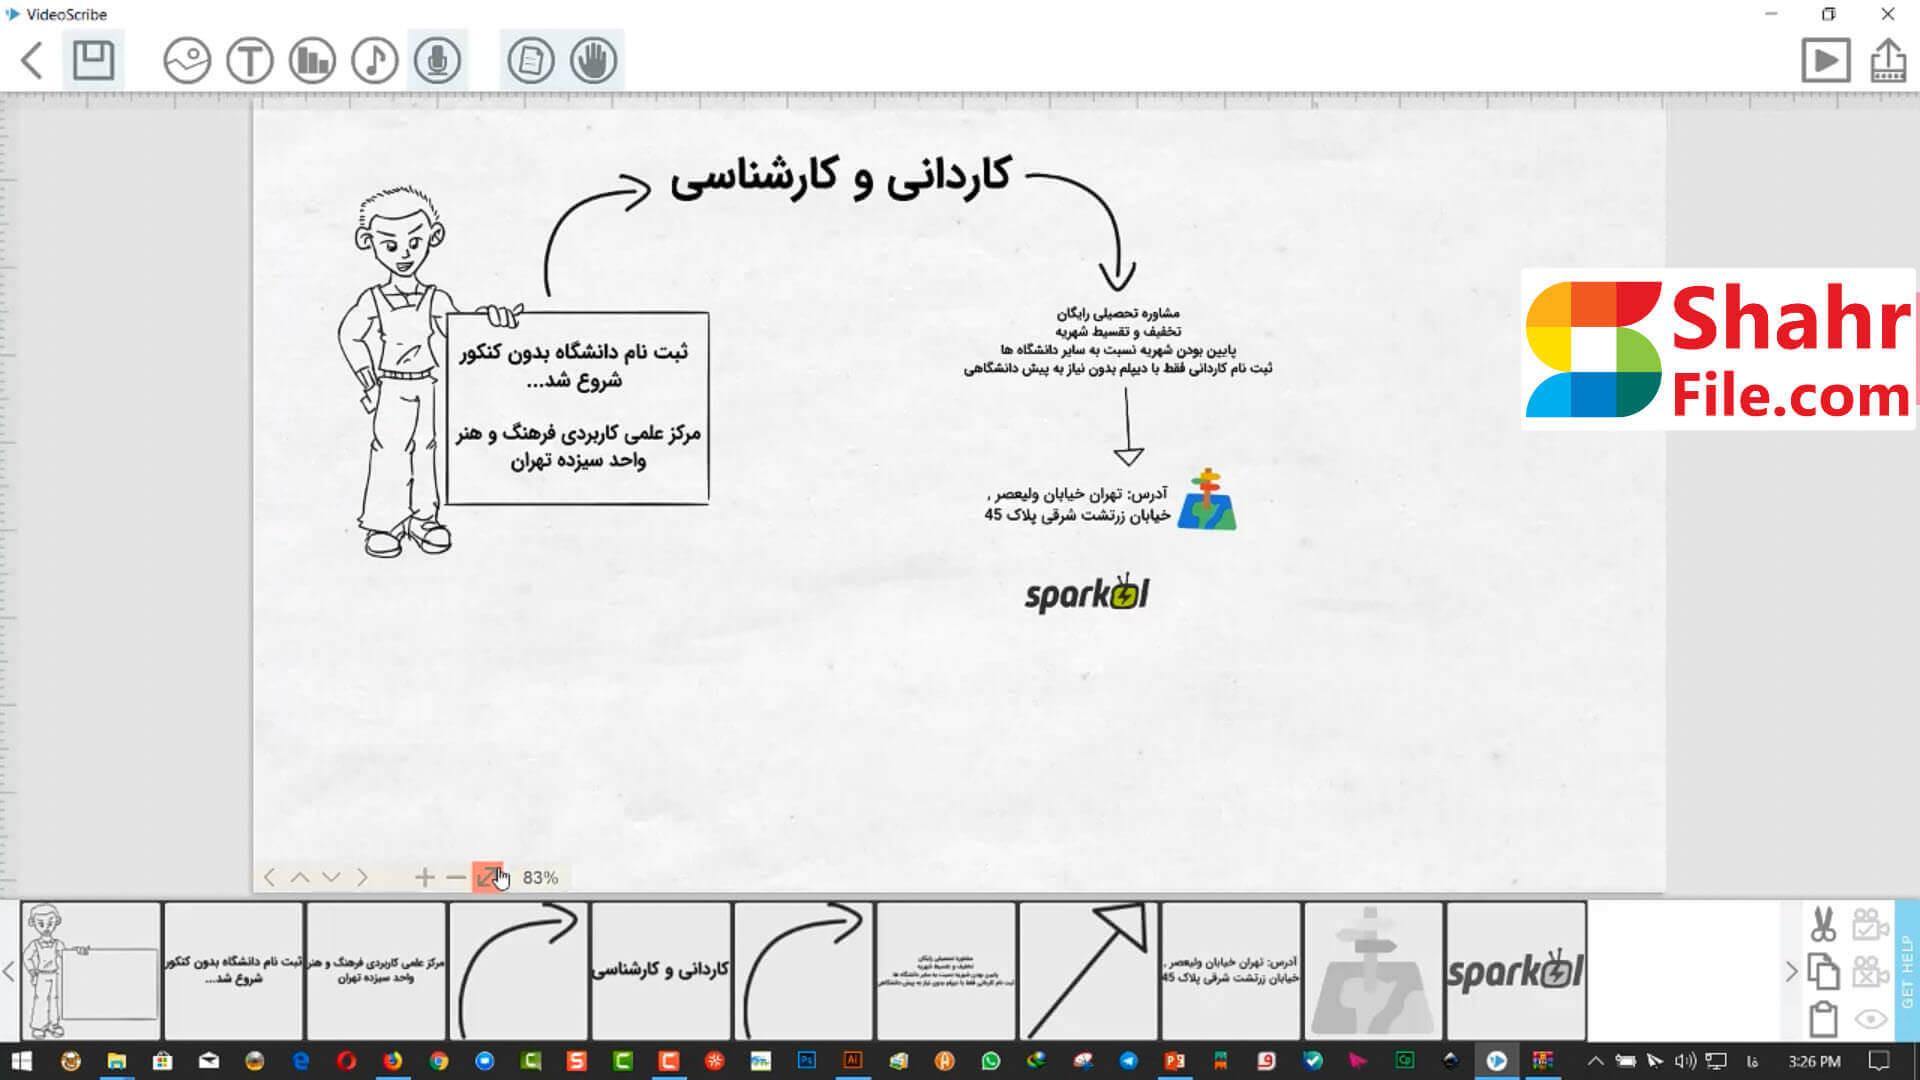 آموزش انیمیشن سازی با نرم افزار VIDEO SCRIBE